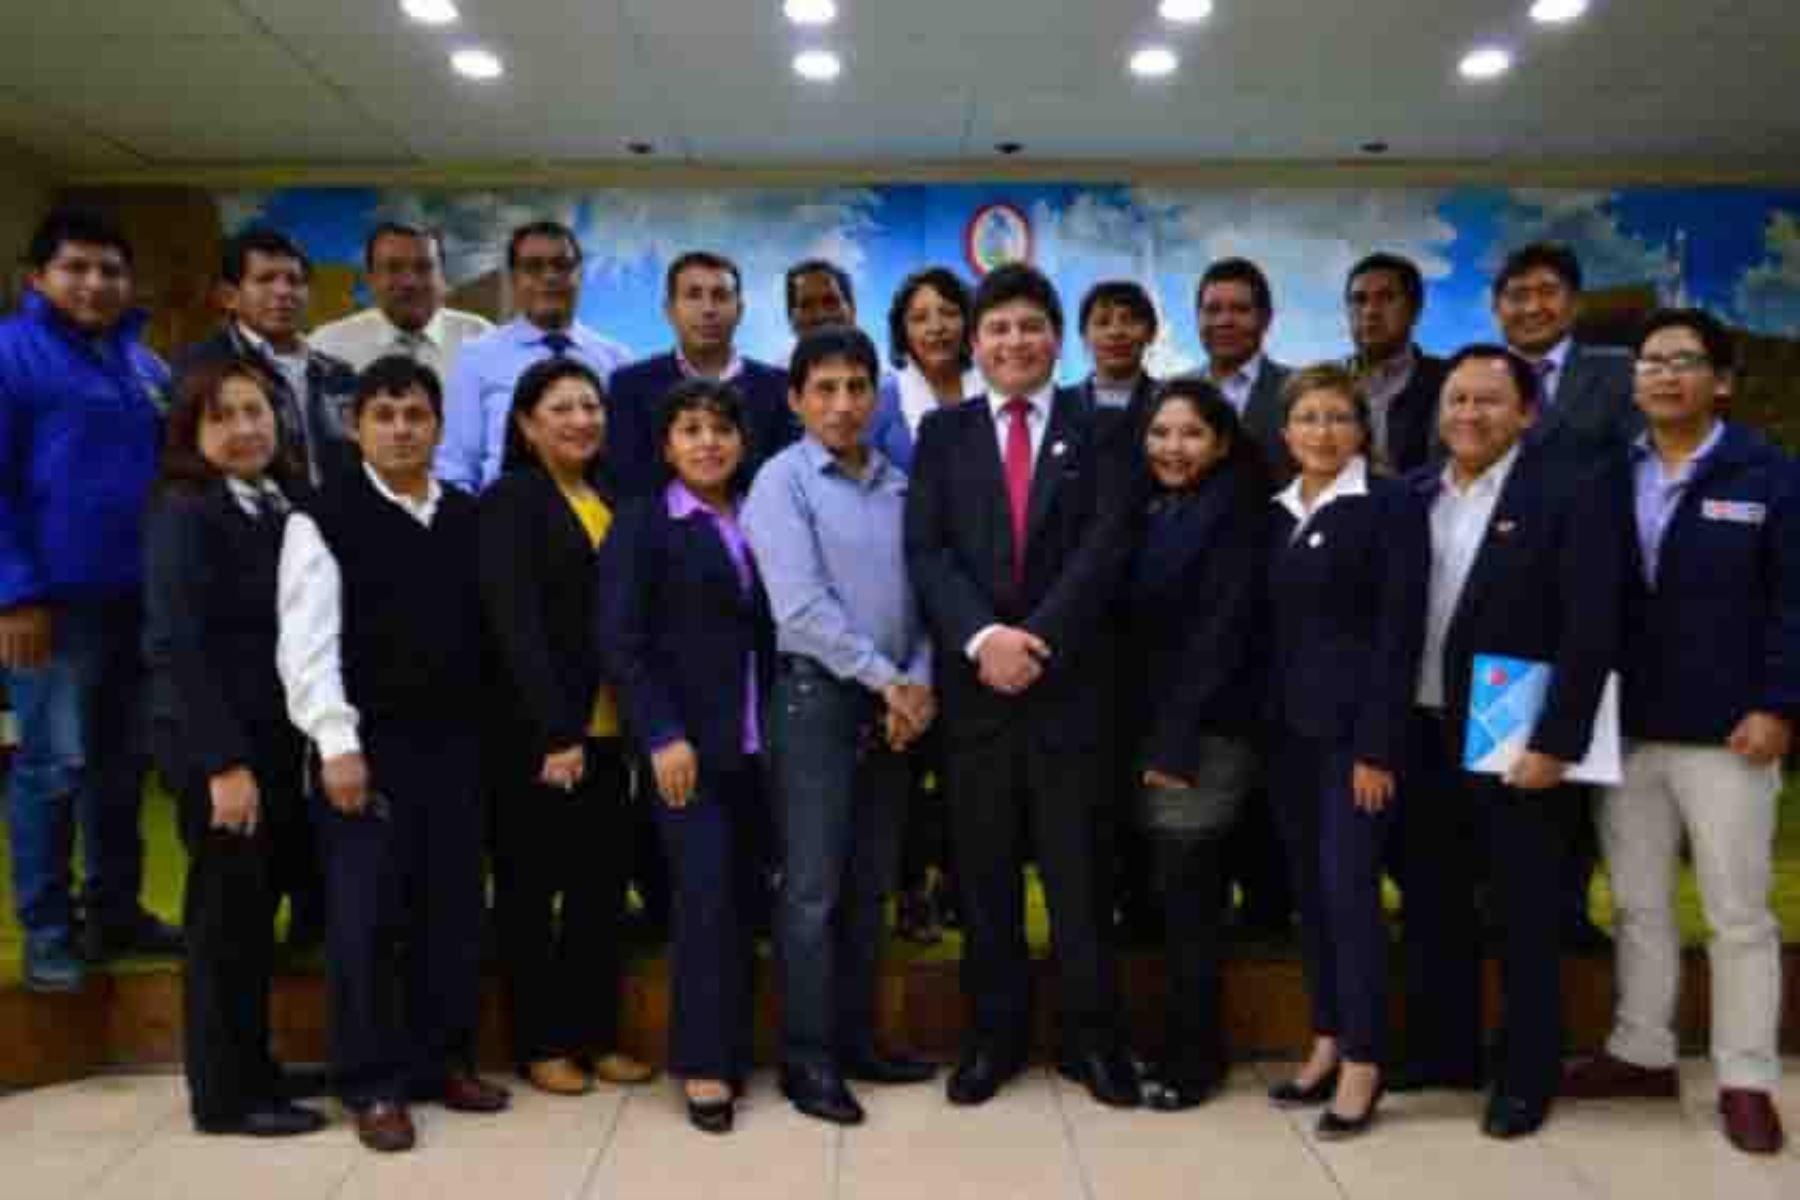 El Gobierno Regional de Ayacucho reconoció oficialmente al Comité Regional de Saneamiento, que estará encargado de la dirección, supervisión y evaluación de la elaboración del Plan Regional de Saneamiento, así como del seguimiento y evaluación de su cumplimiento.